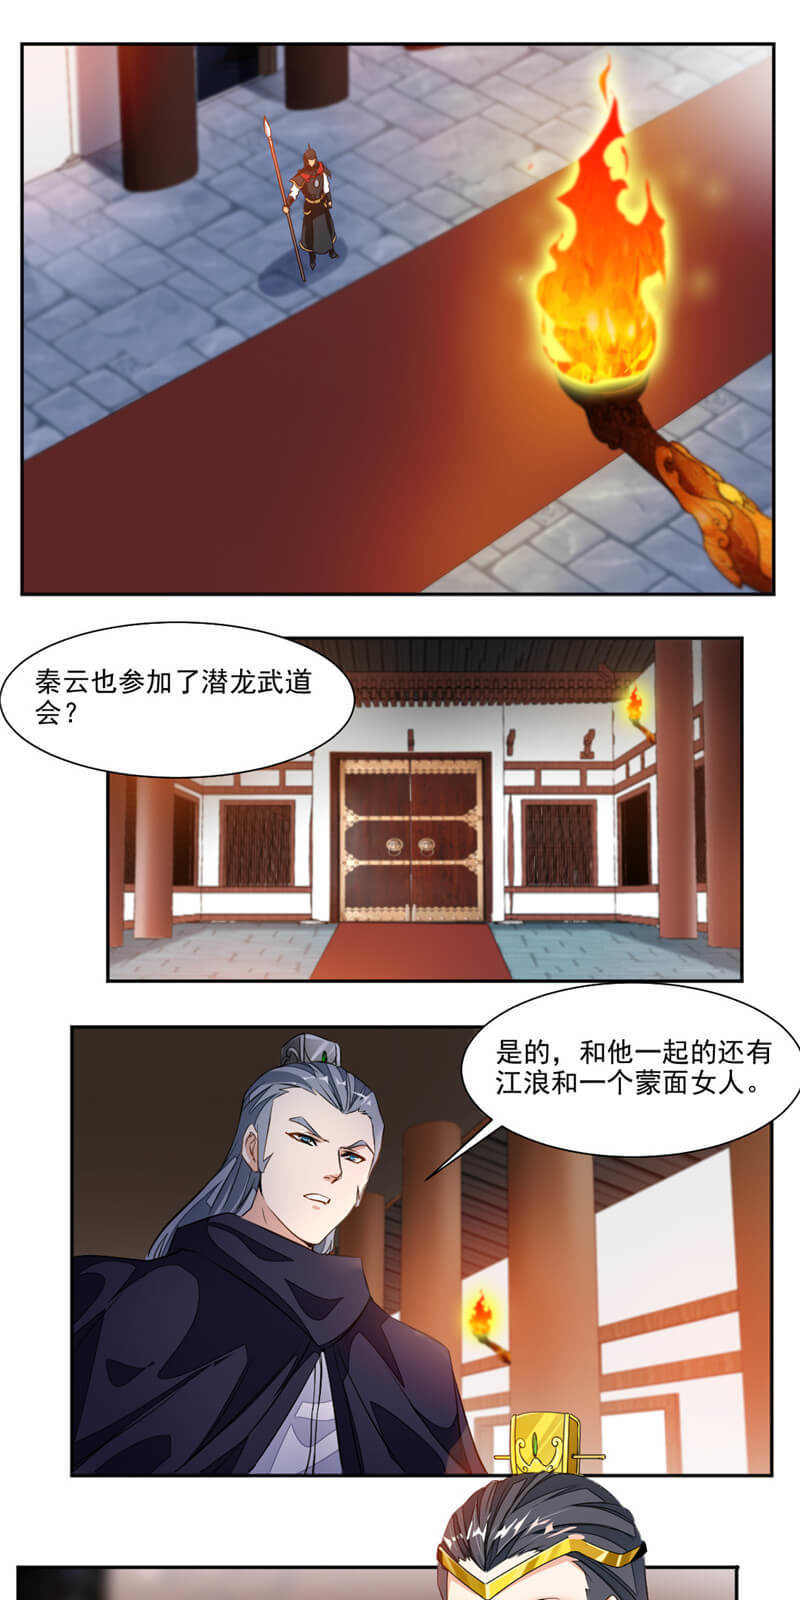 九阳神王第38话  潜龙武道会即将开始? 第 14